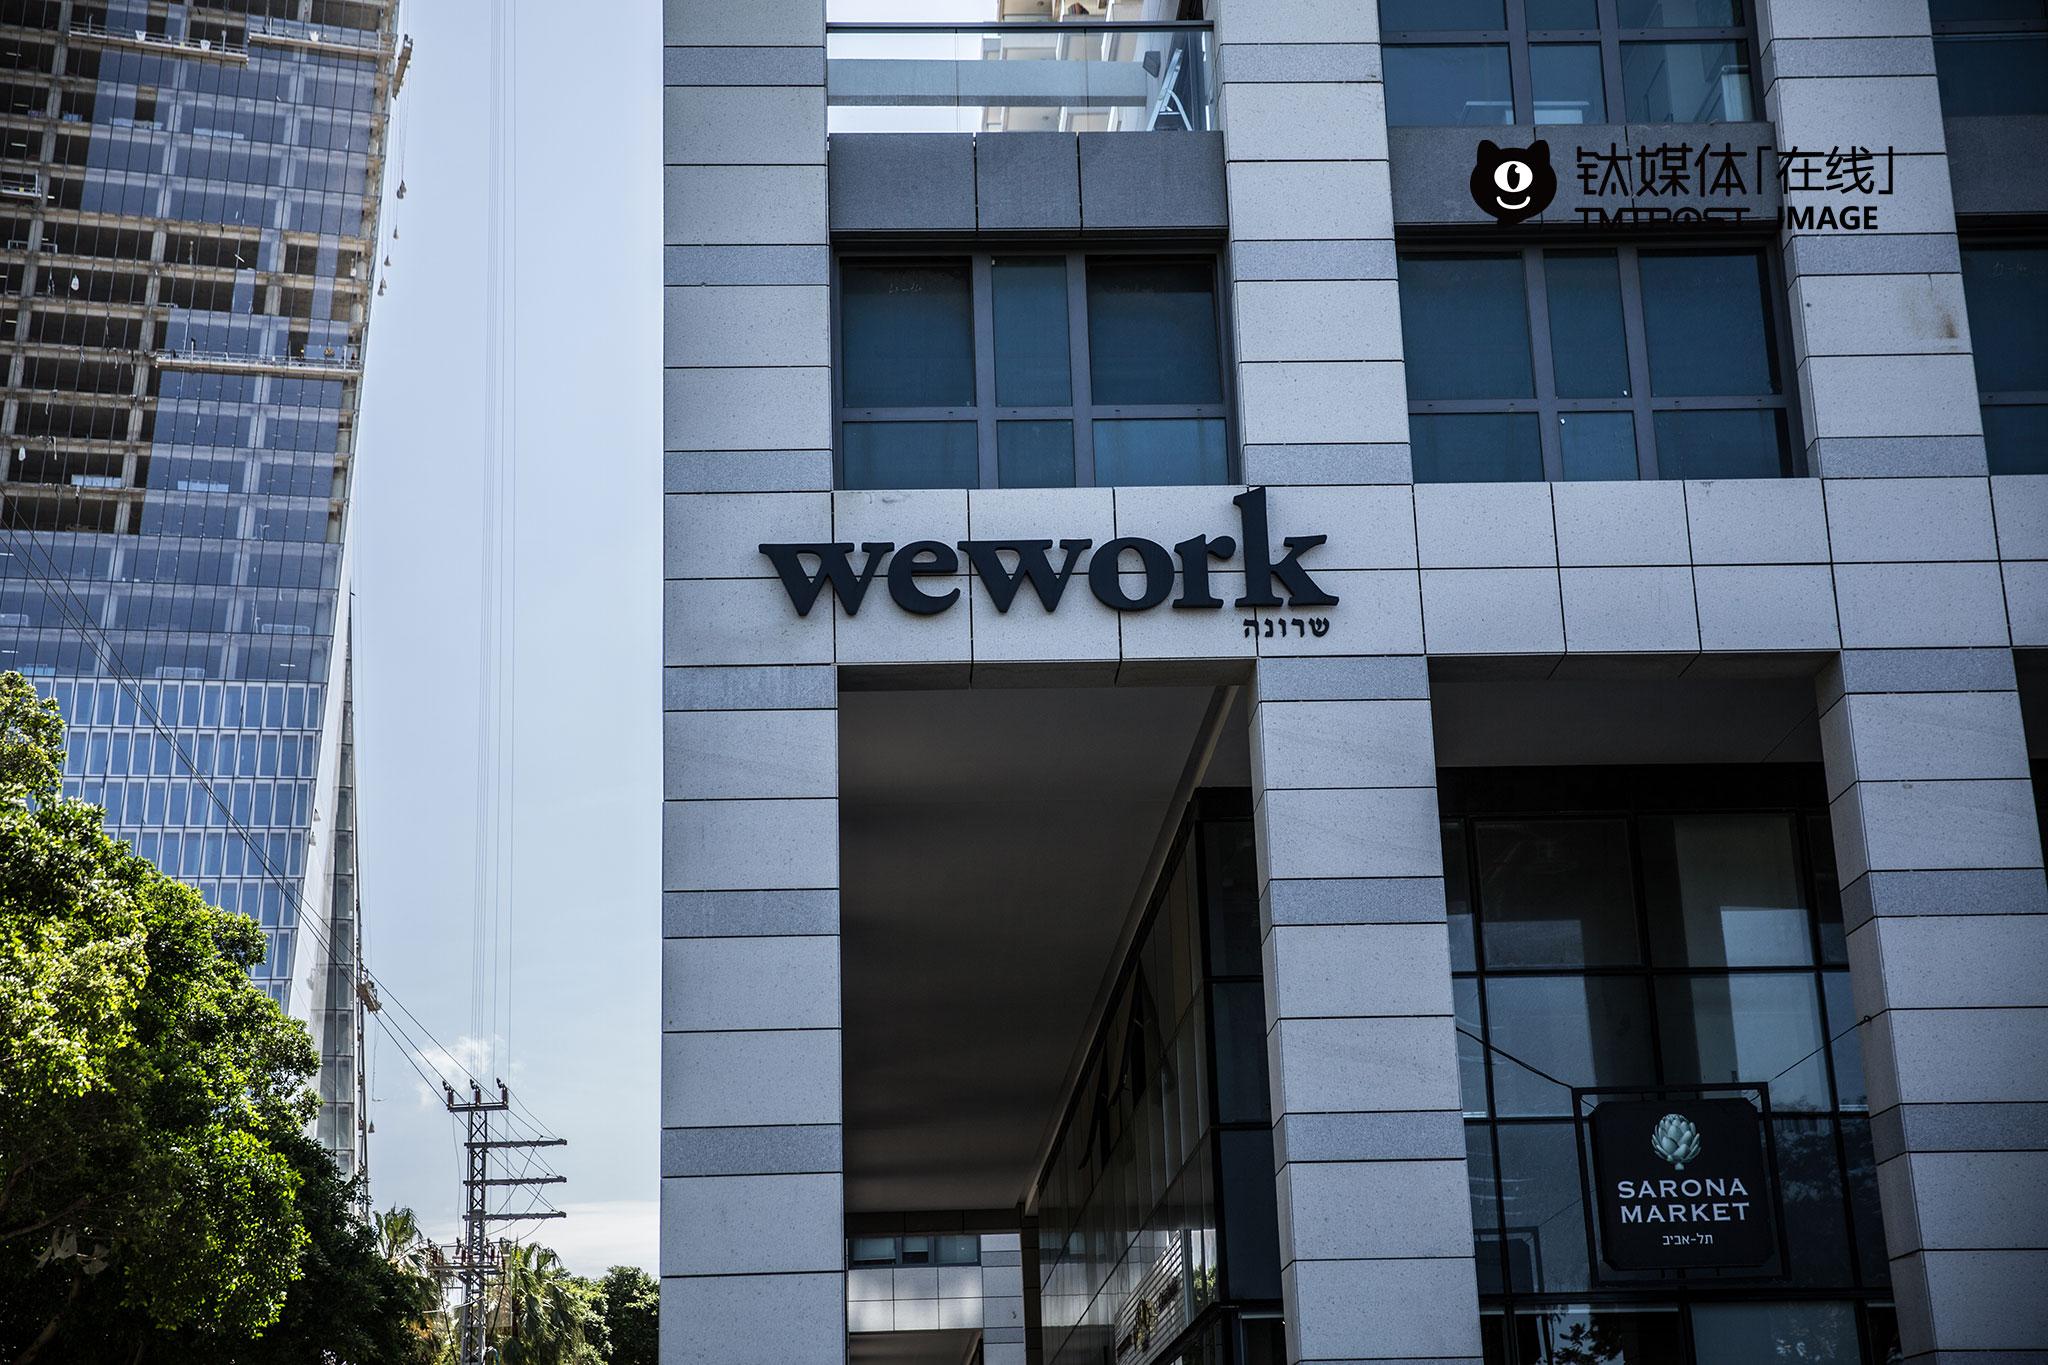 wework位于特拉维夫的一处办公室,这个众创空间在以色列有4个点,一共有1800名创业者、雇员在里面办公。